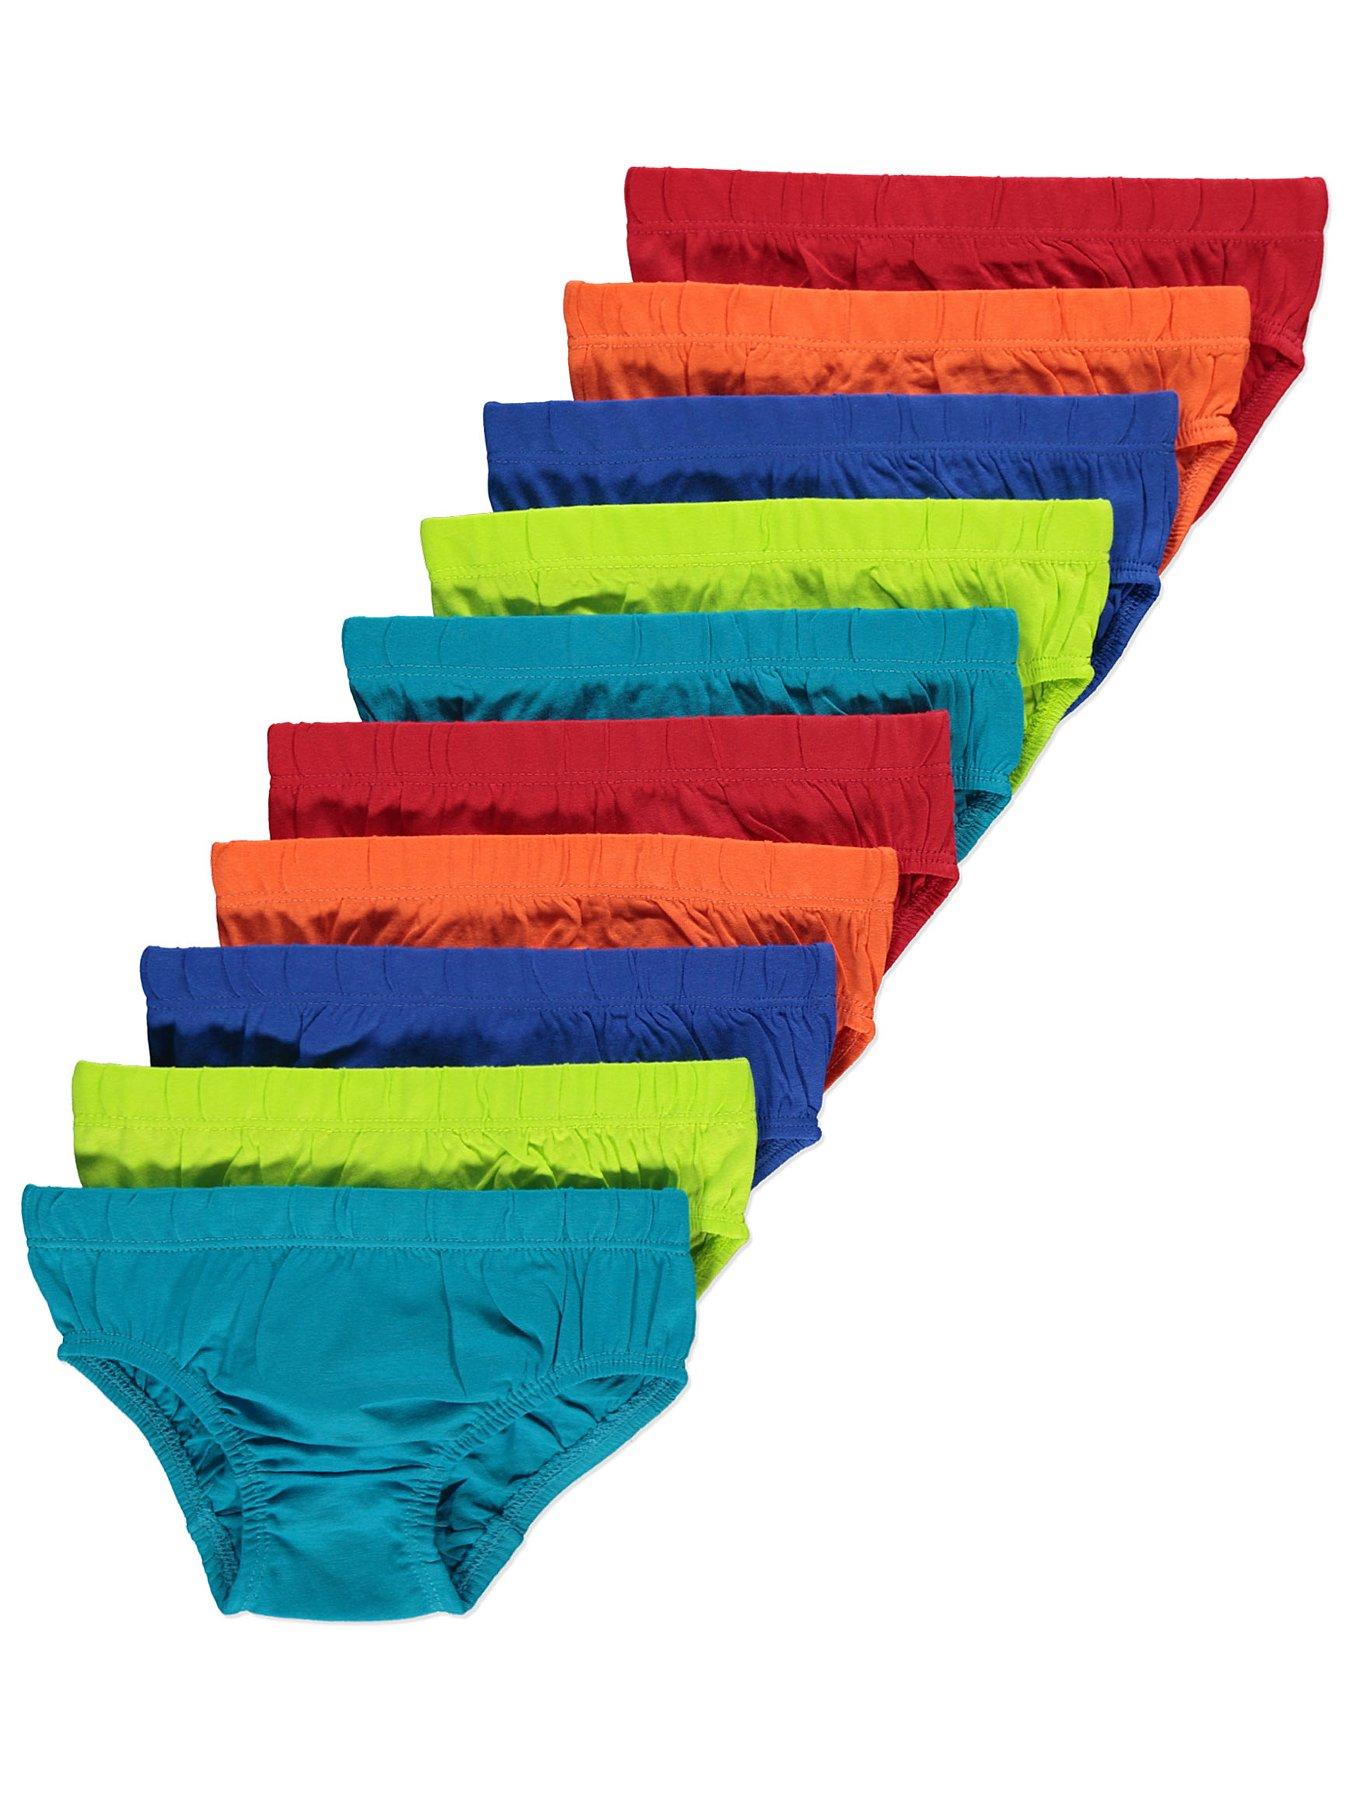 Essentials Boys 10-Pack Underwear Brief